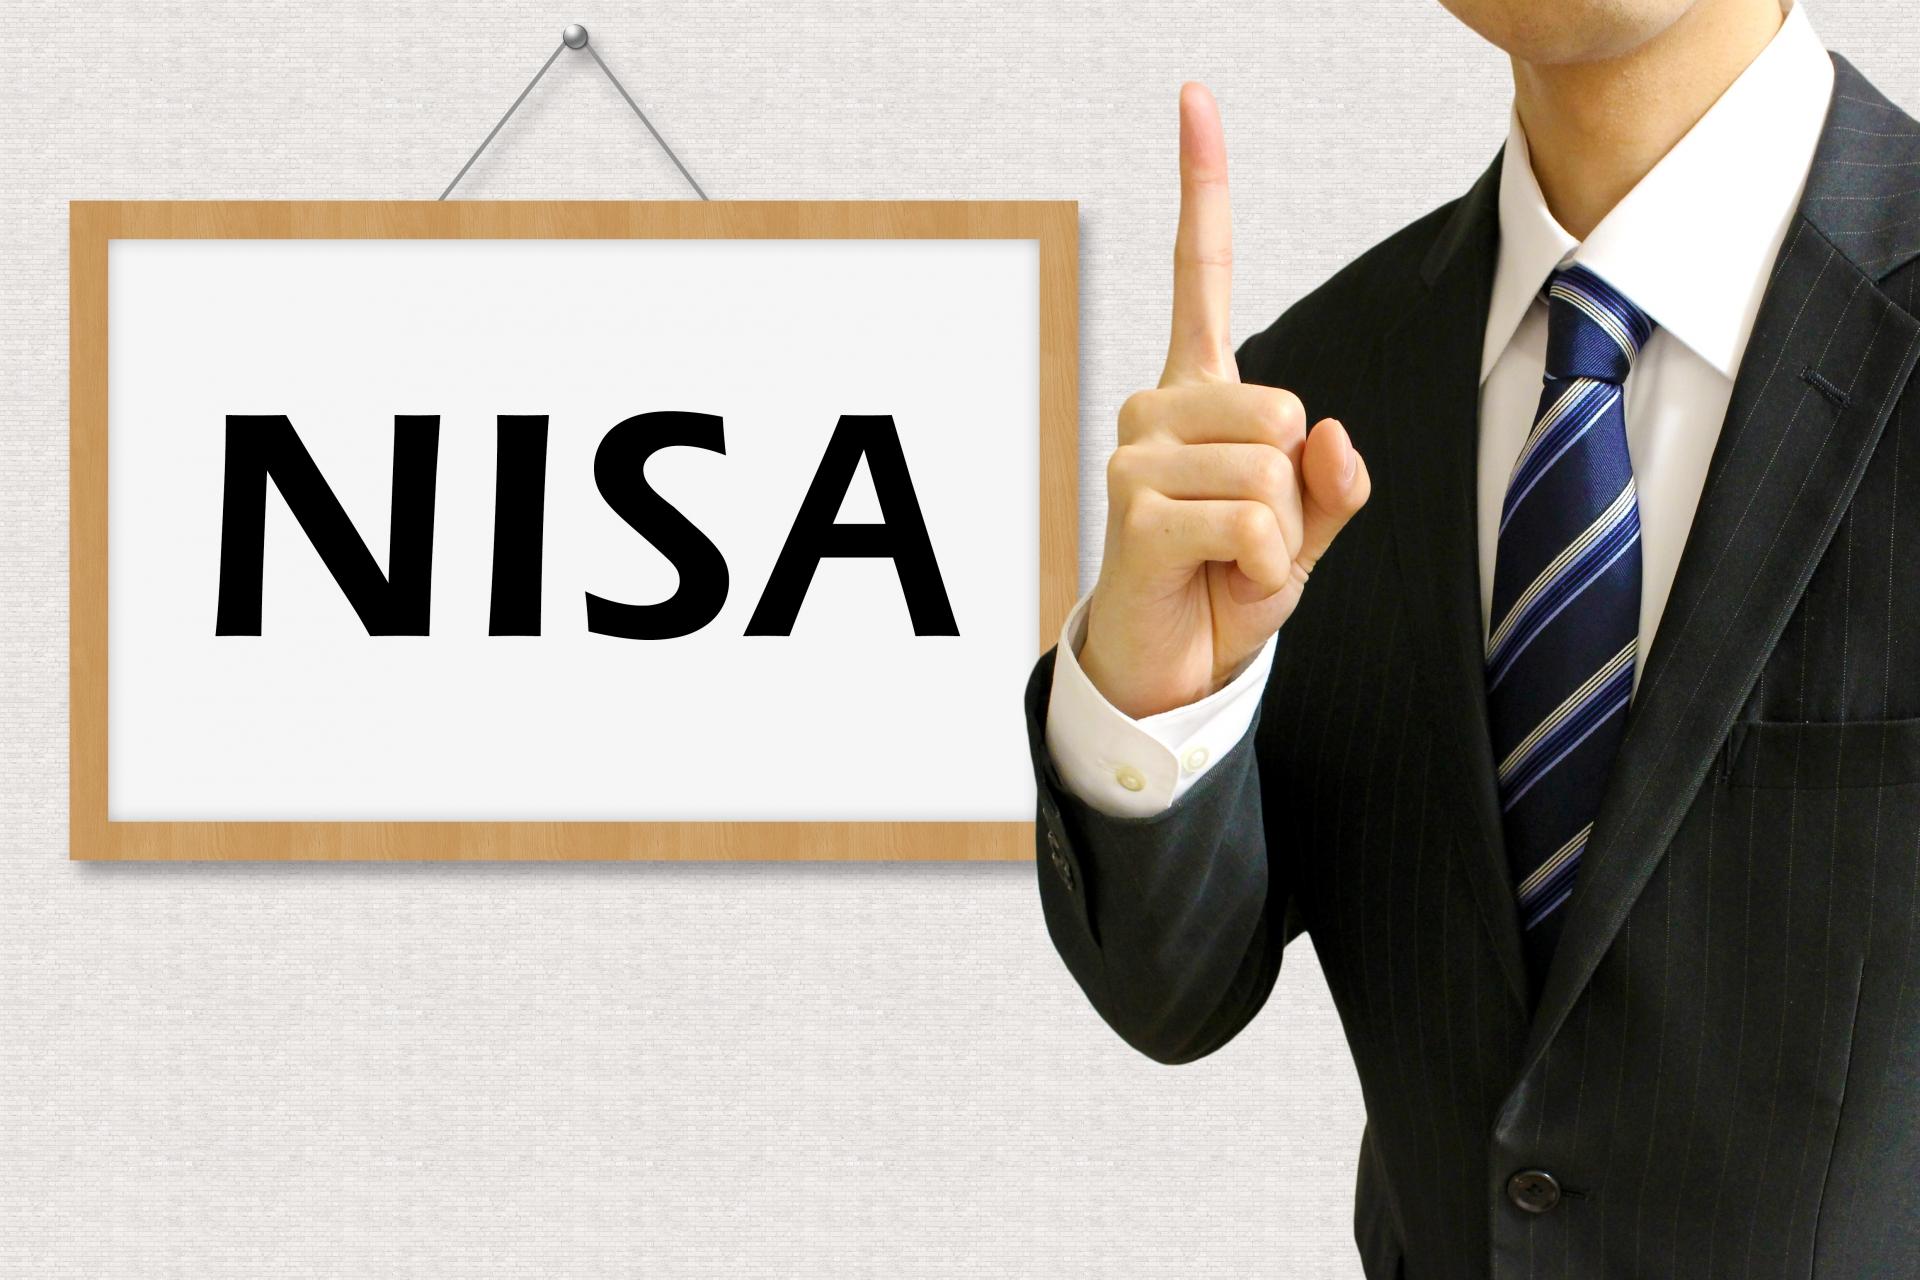 「つみたてNISA」から「NISA」に切り替えた理由